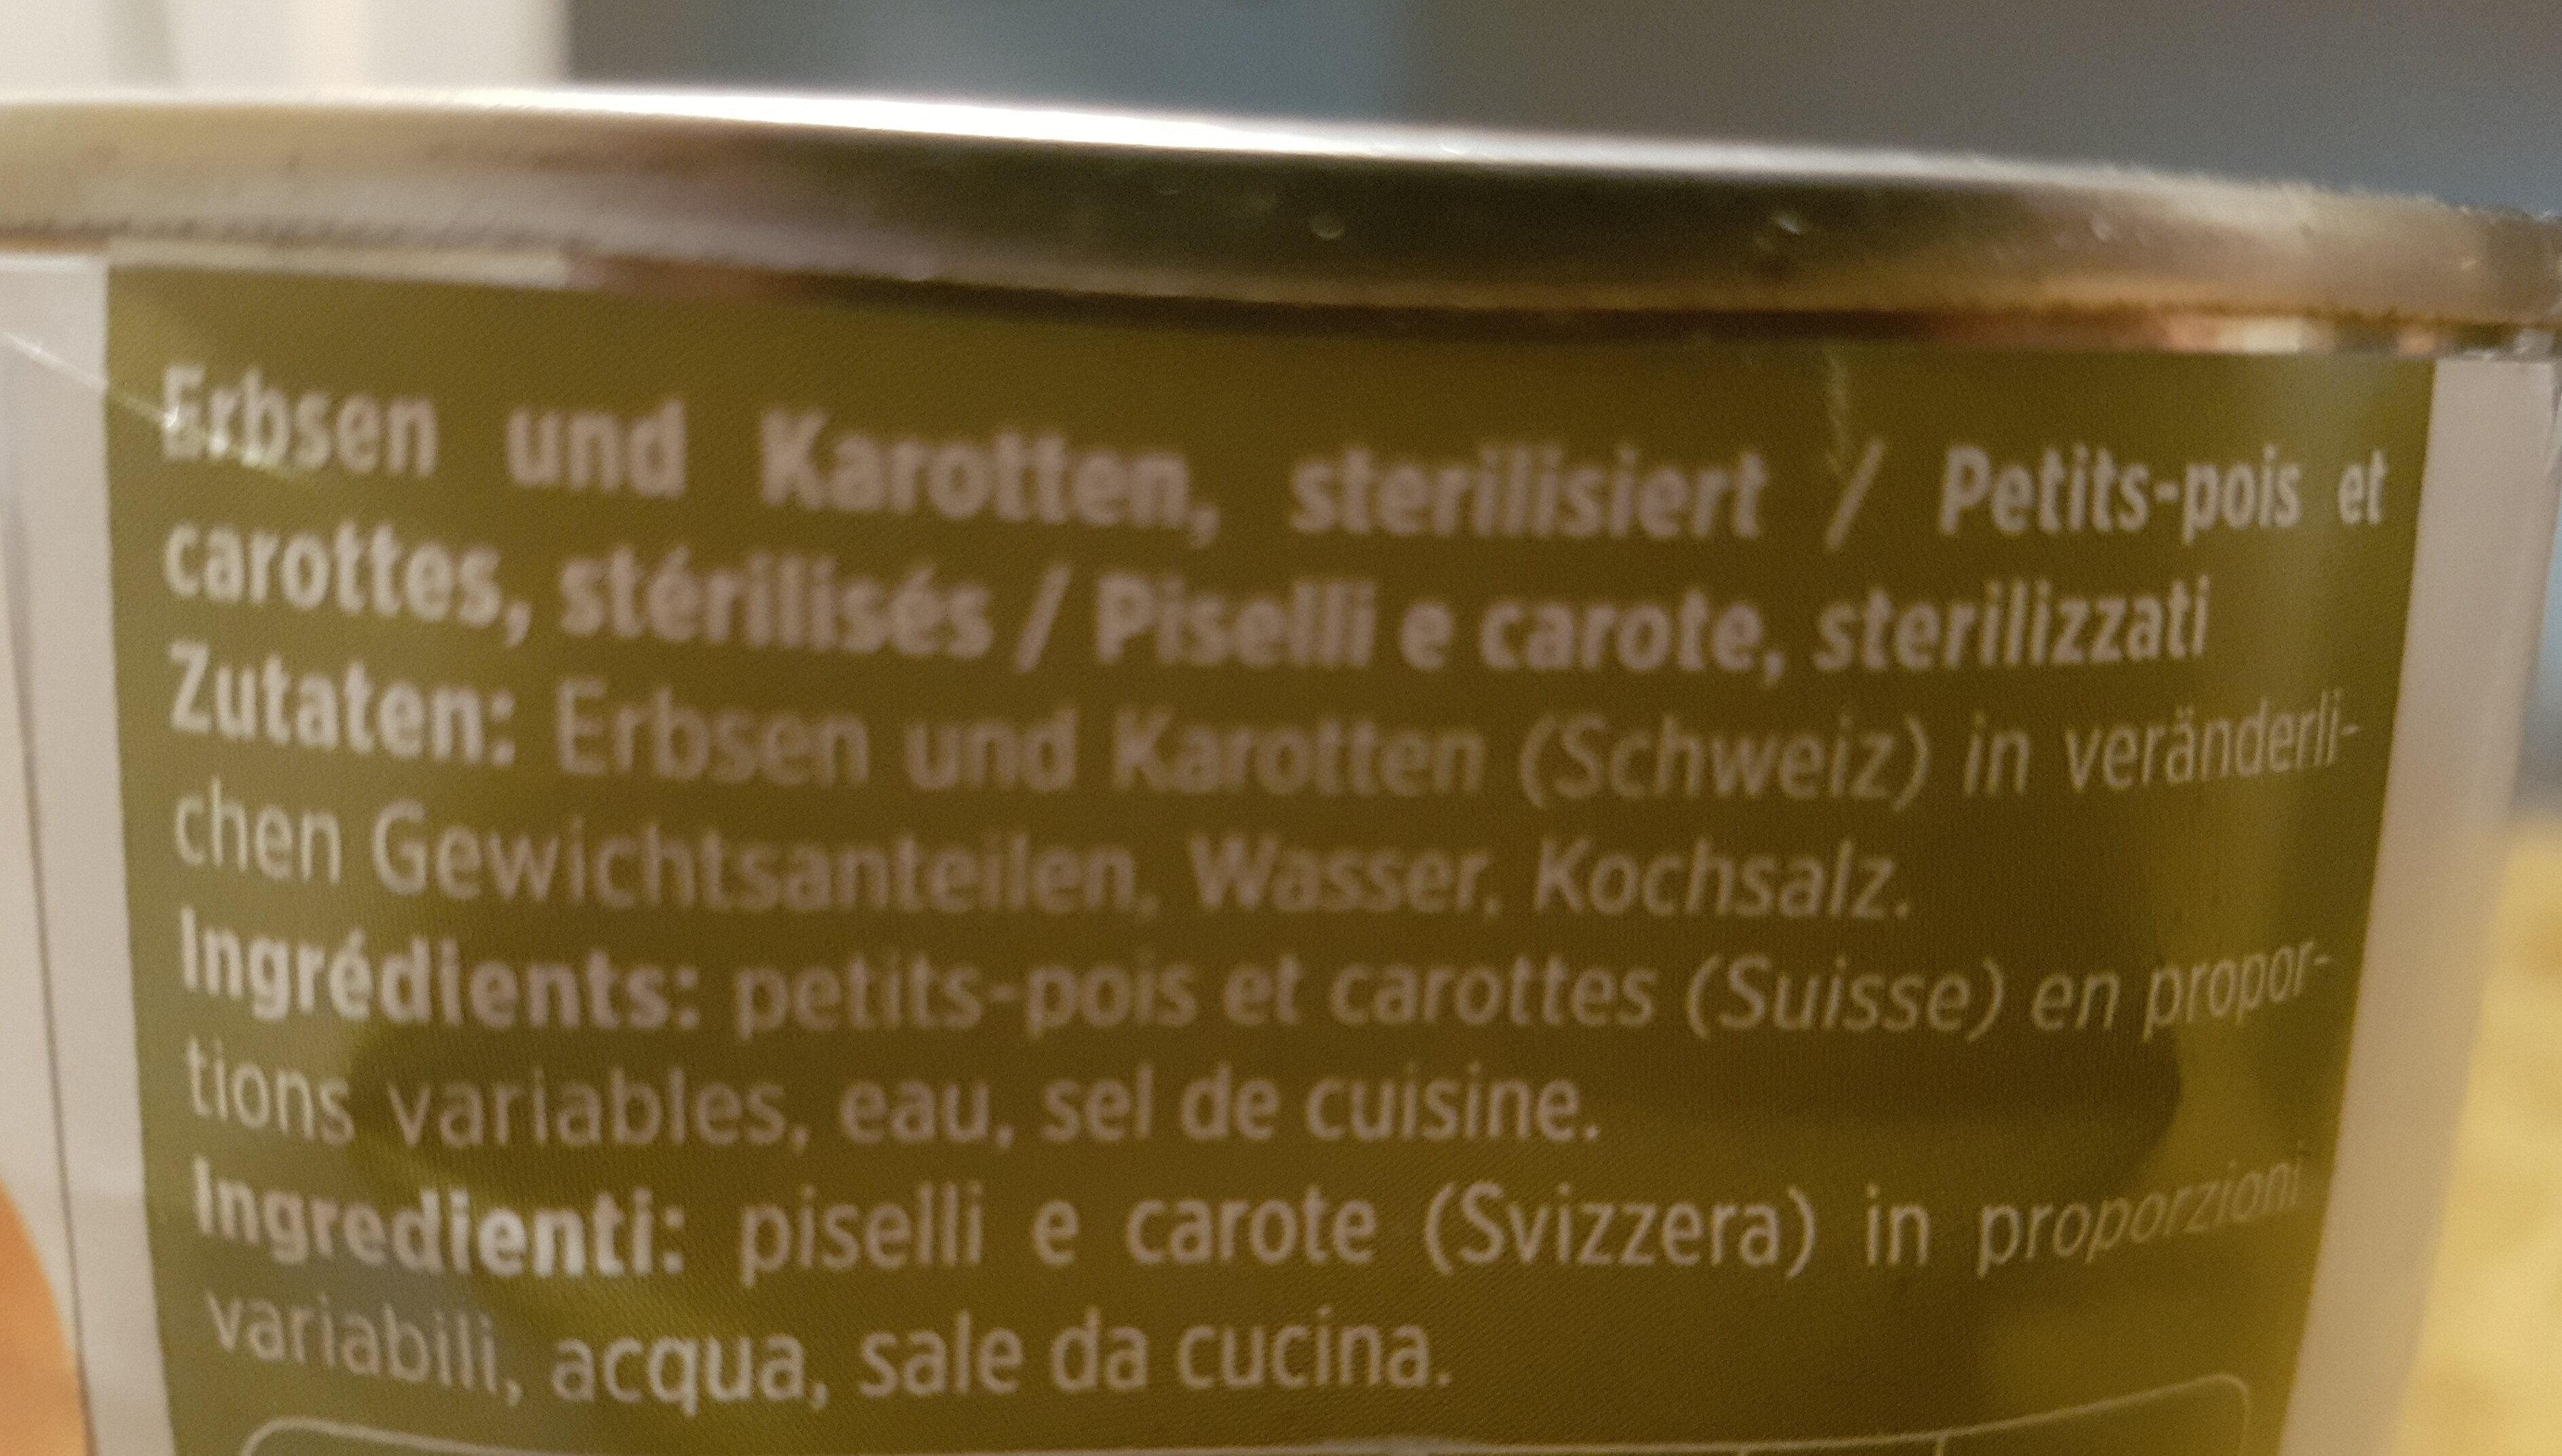 Petits pois et carottes - Ingrediënten - fr